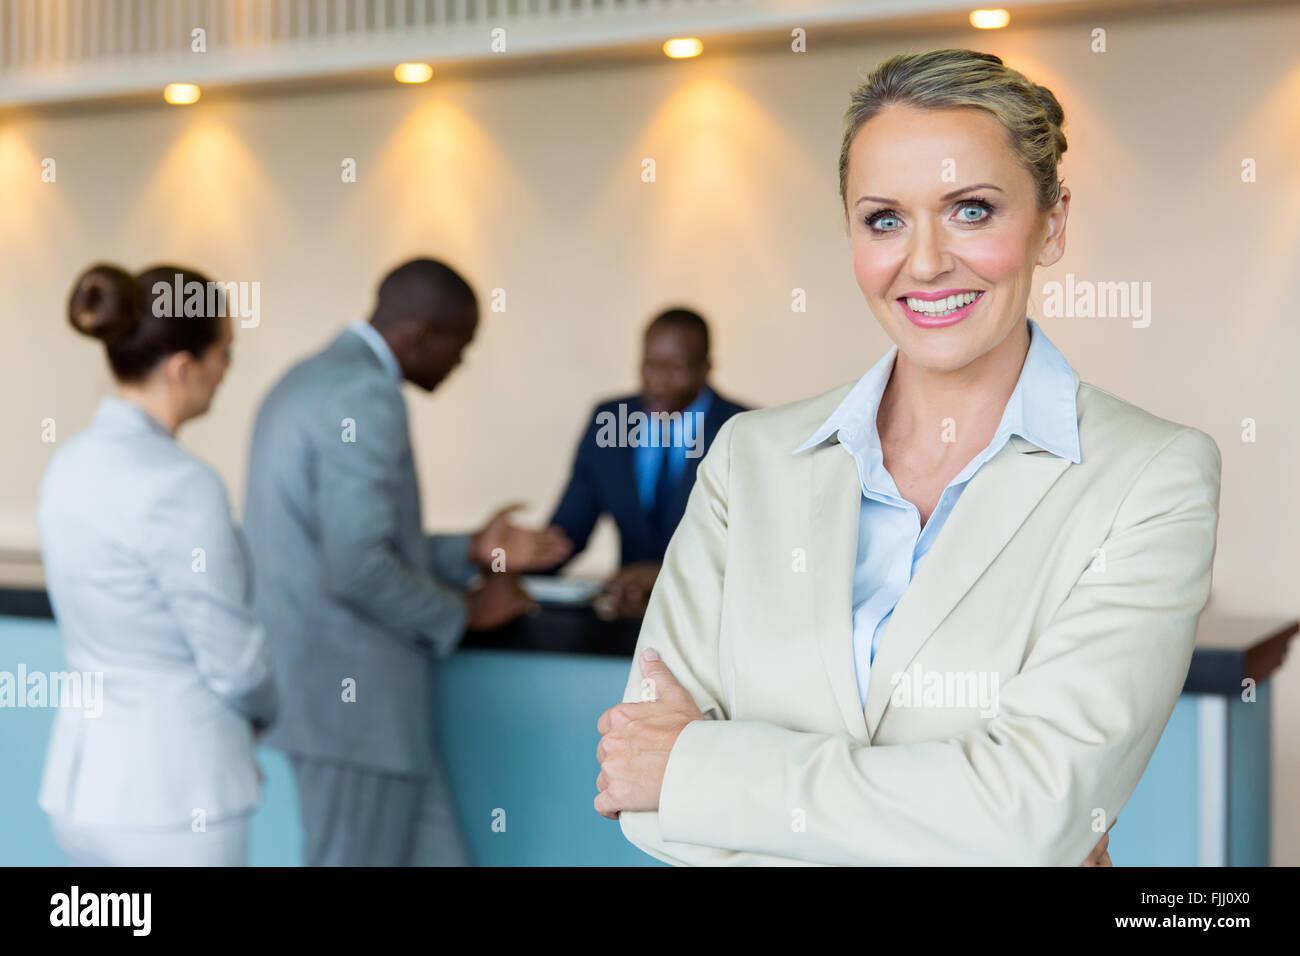 schöne Bank-Manager mit Kunden auf Hintergrund Stockfoto